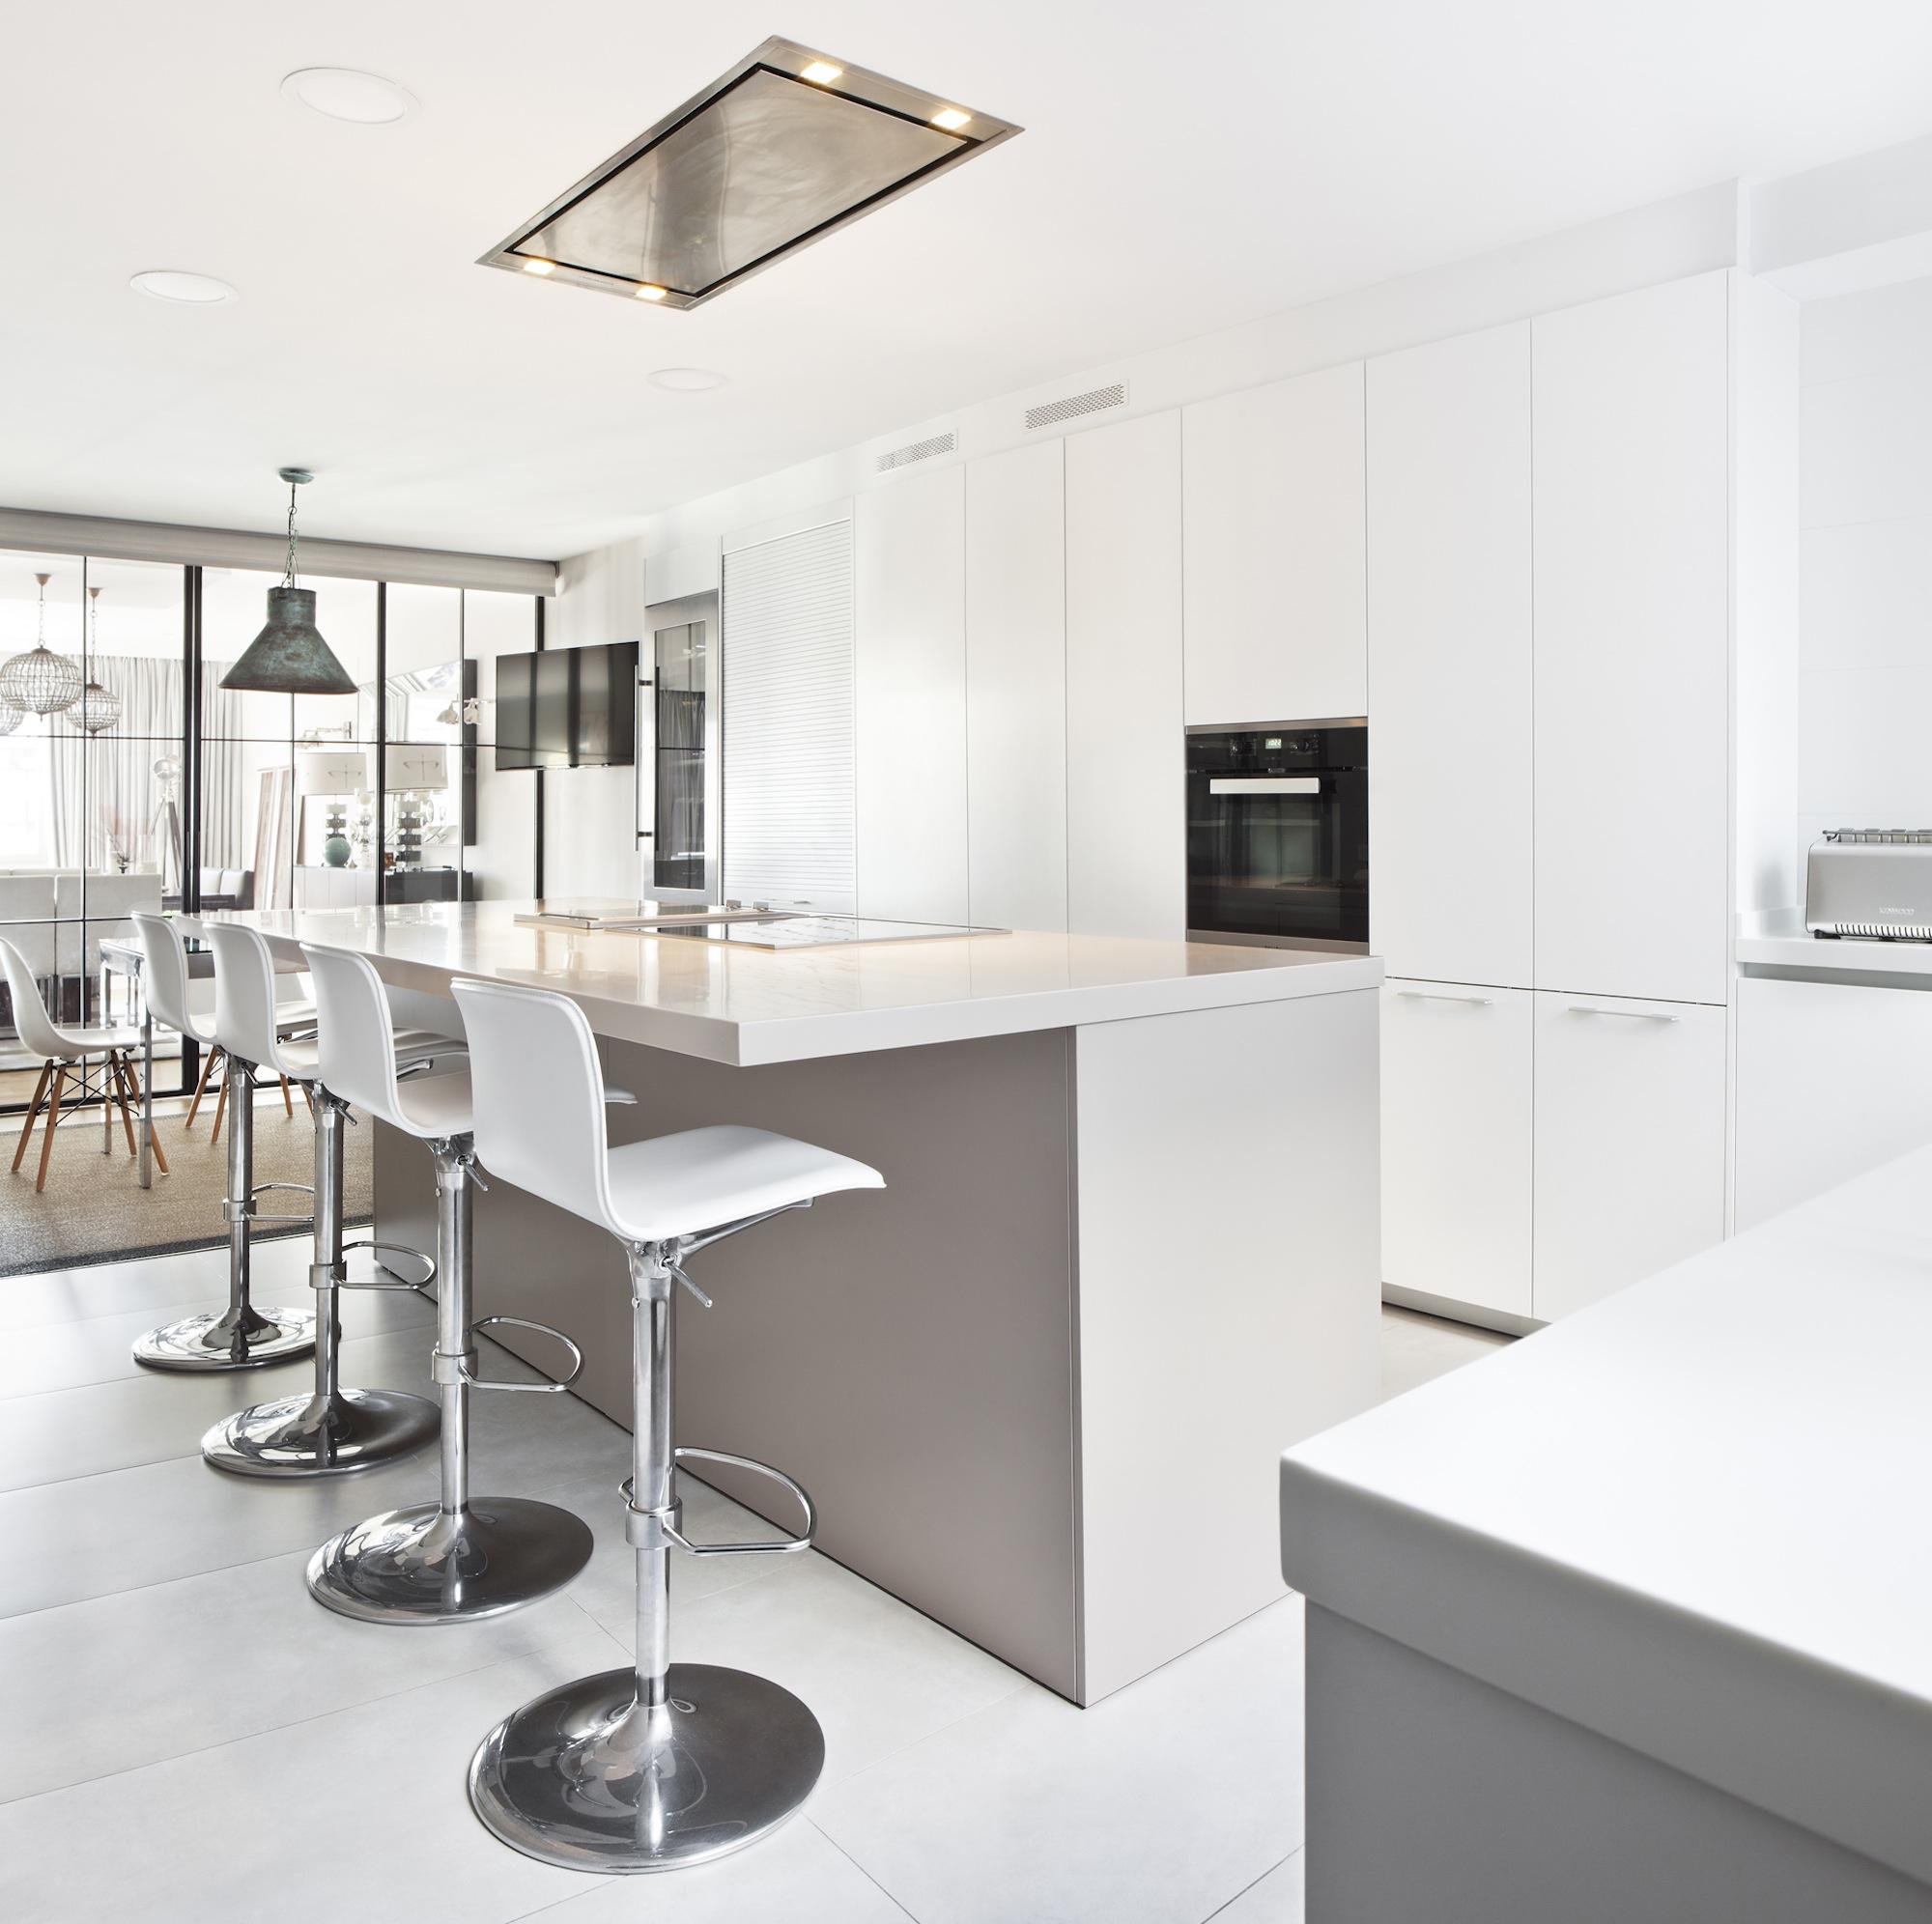 Una buena idea separar la cocina del sal n con una - Unir cocina y salon ...